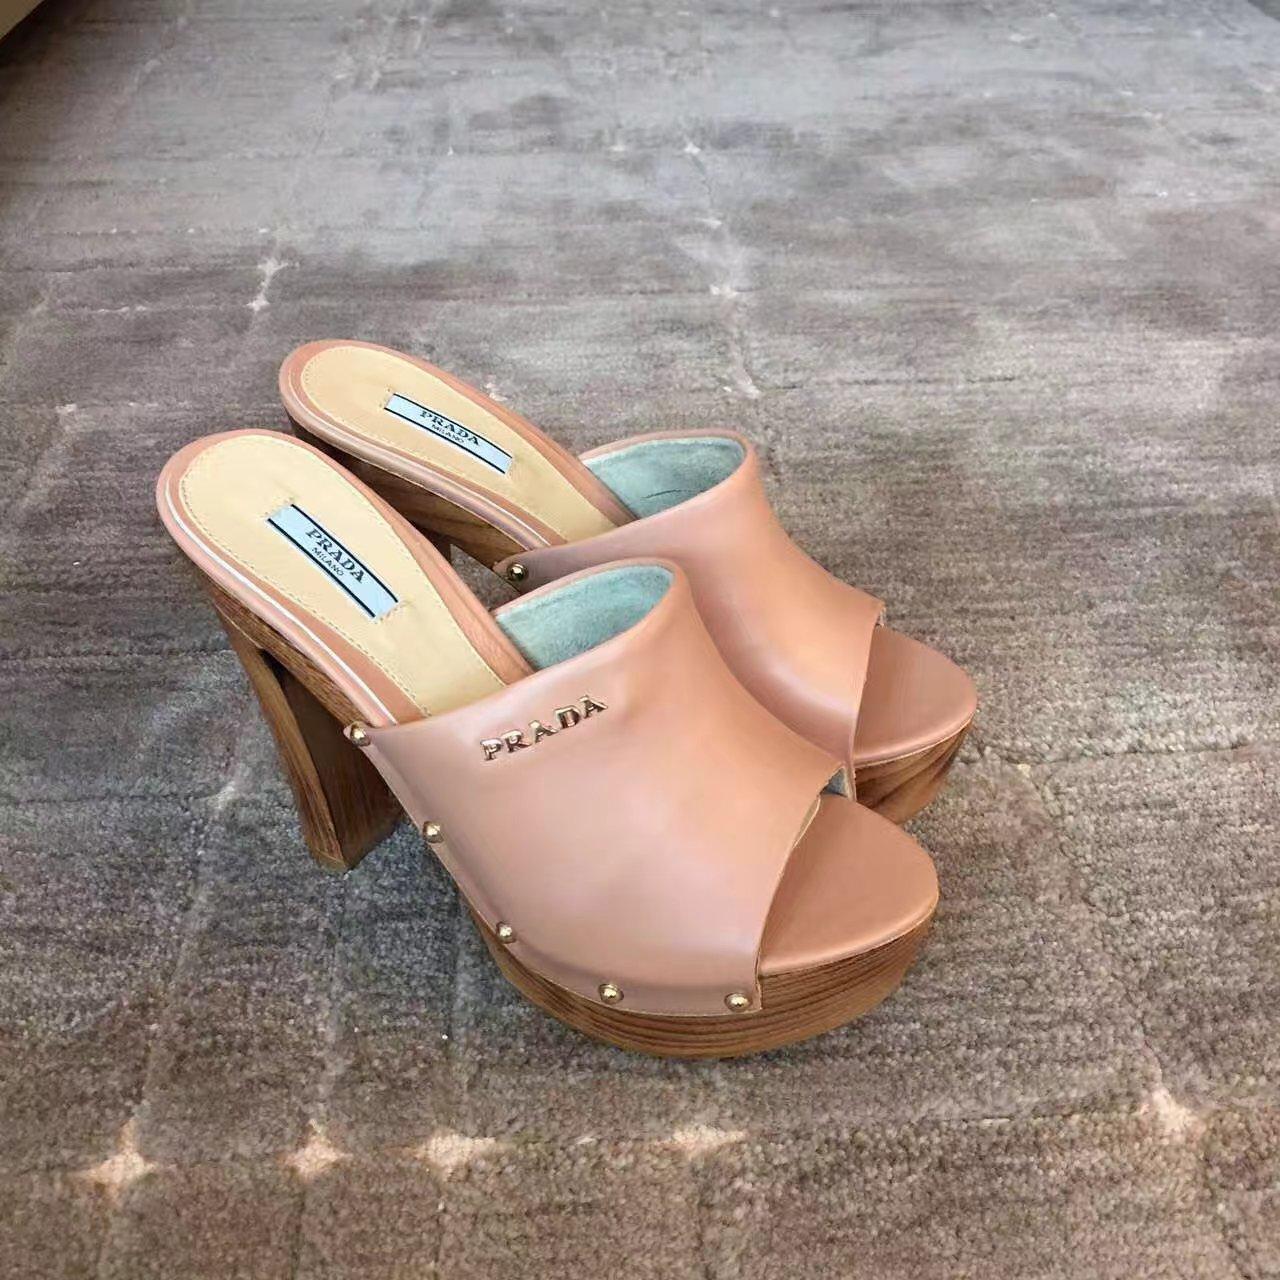 【PRADA高跟鞋】普拉达女鞋2017早春爆款凉鞋